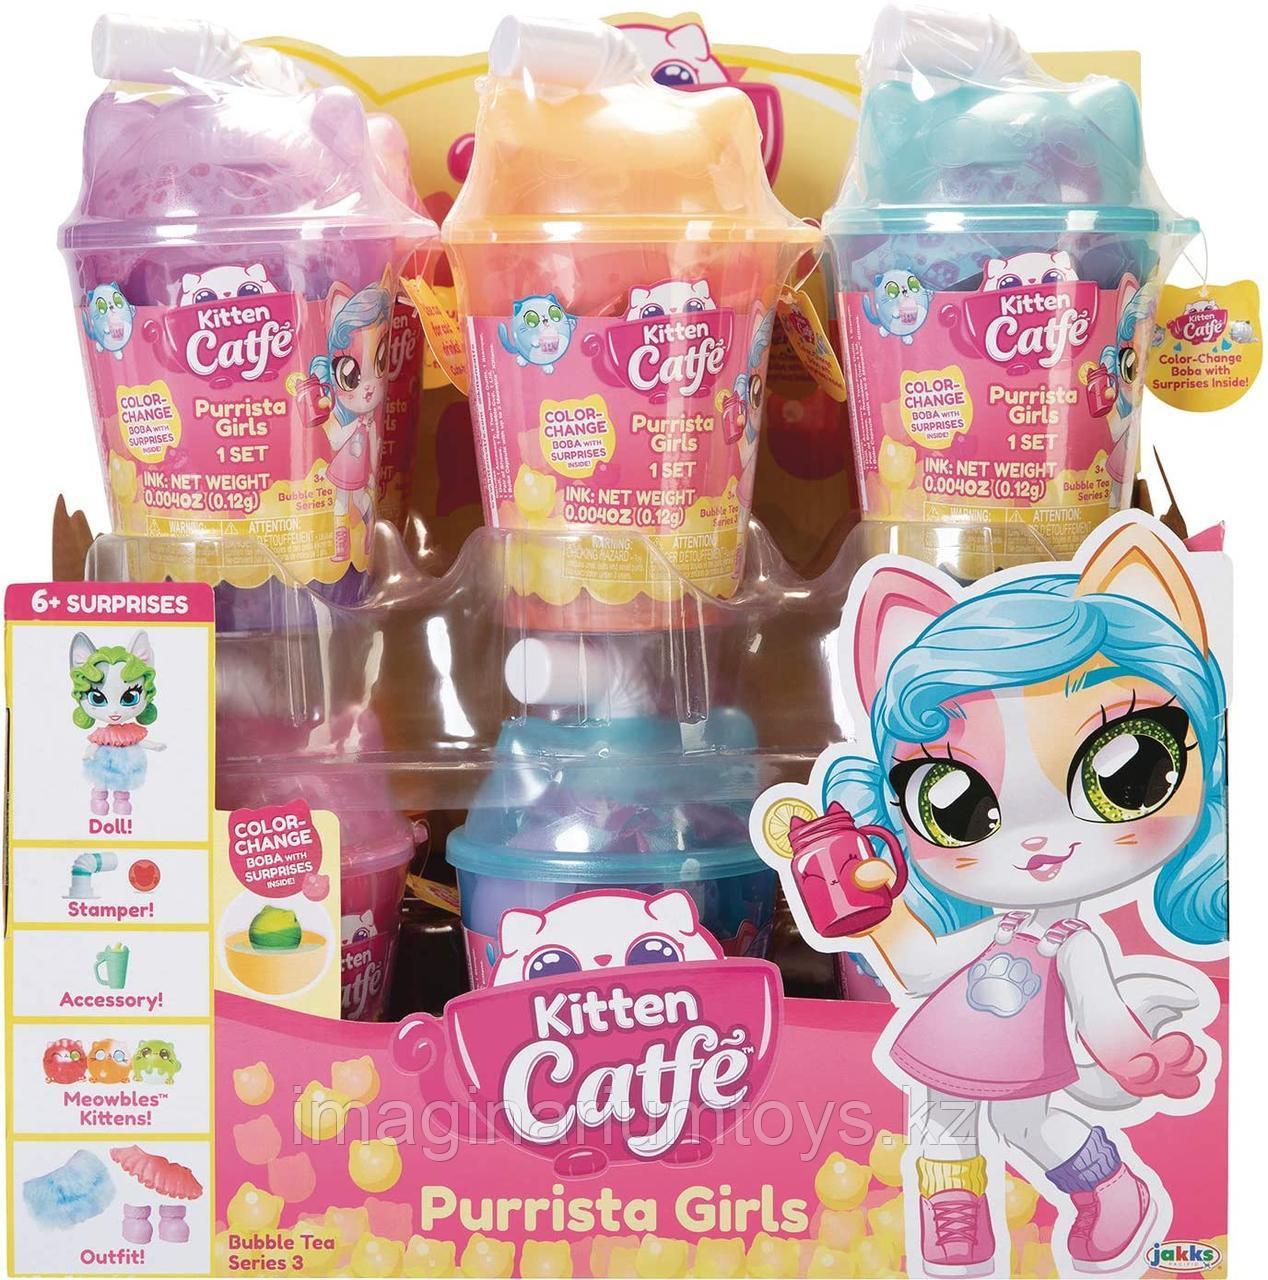 Куклы-кошки в стаканчиках с сюрпризами Kitten Catfe Purrista Girls